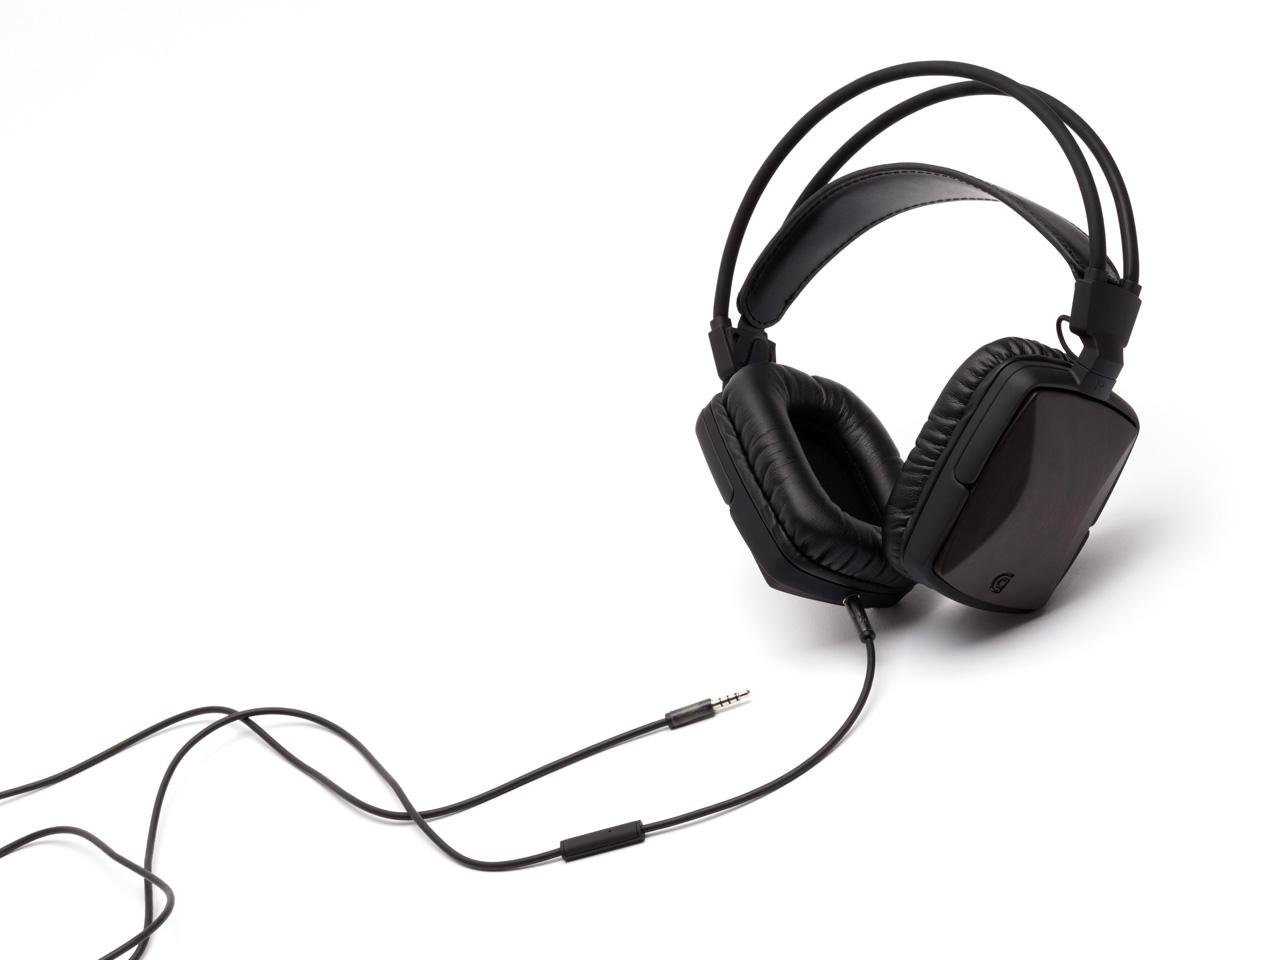 Walnut WoodTones Over-The-Ear Headphones